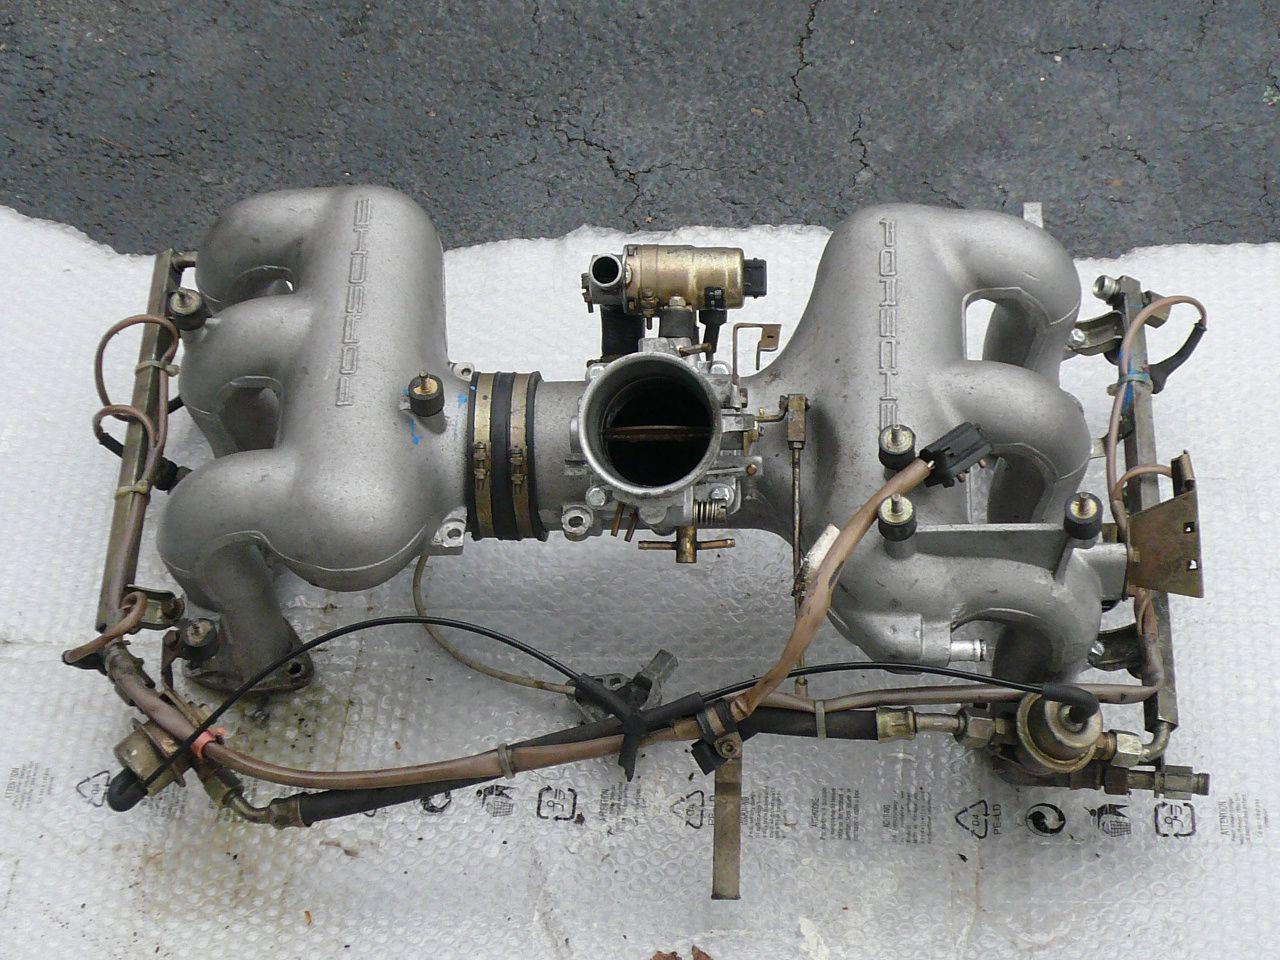 Porsche porsche boxster 3.2 engine : porsche 930 3.2 intake fuel rail - Google Search | Porsche Engine ...